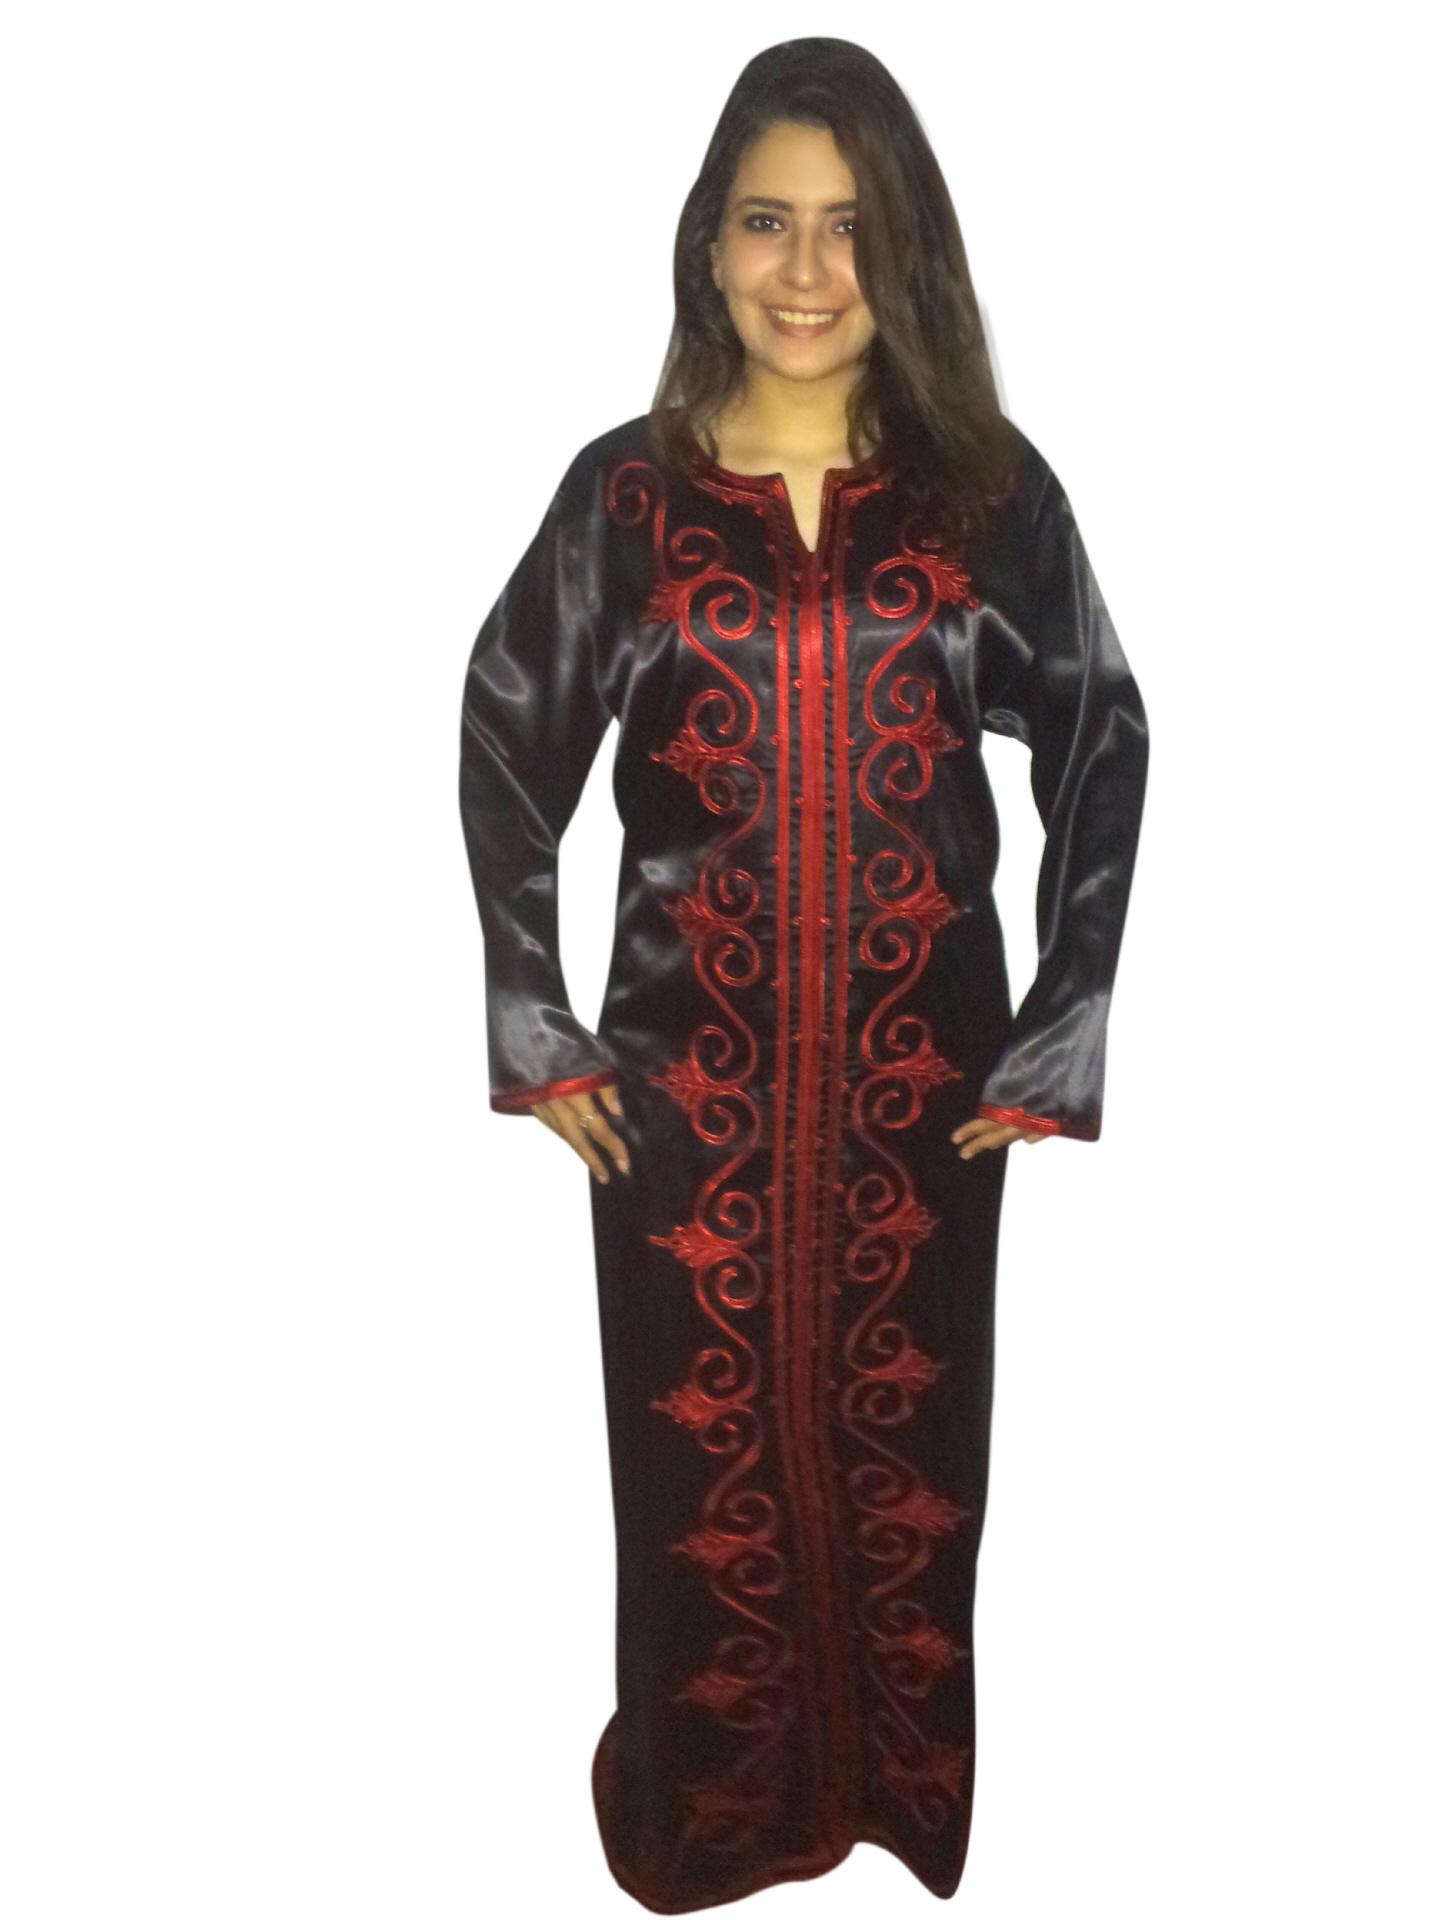 Abaya schwarz-rot, Egypt Bazar Shop für orientalische arabische Kleidung